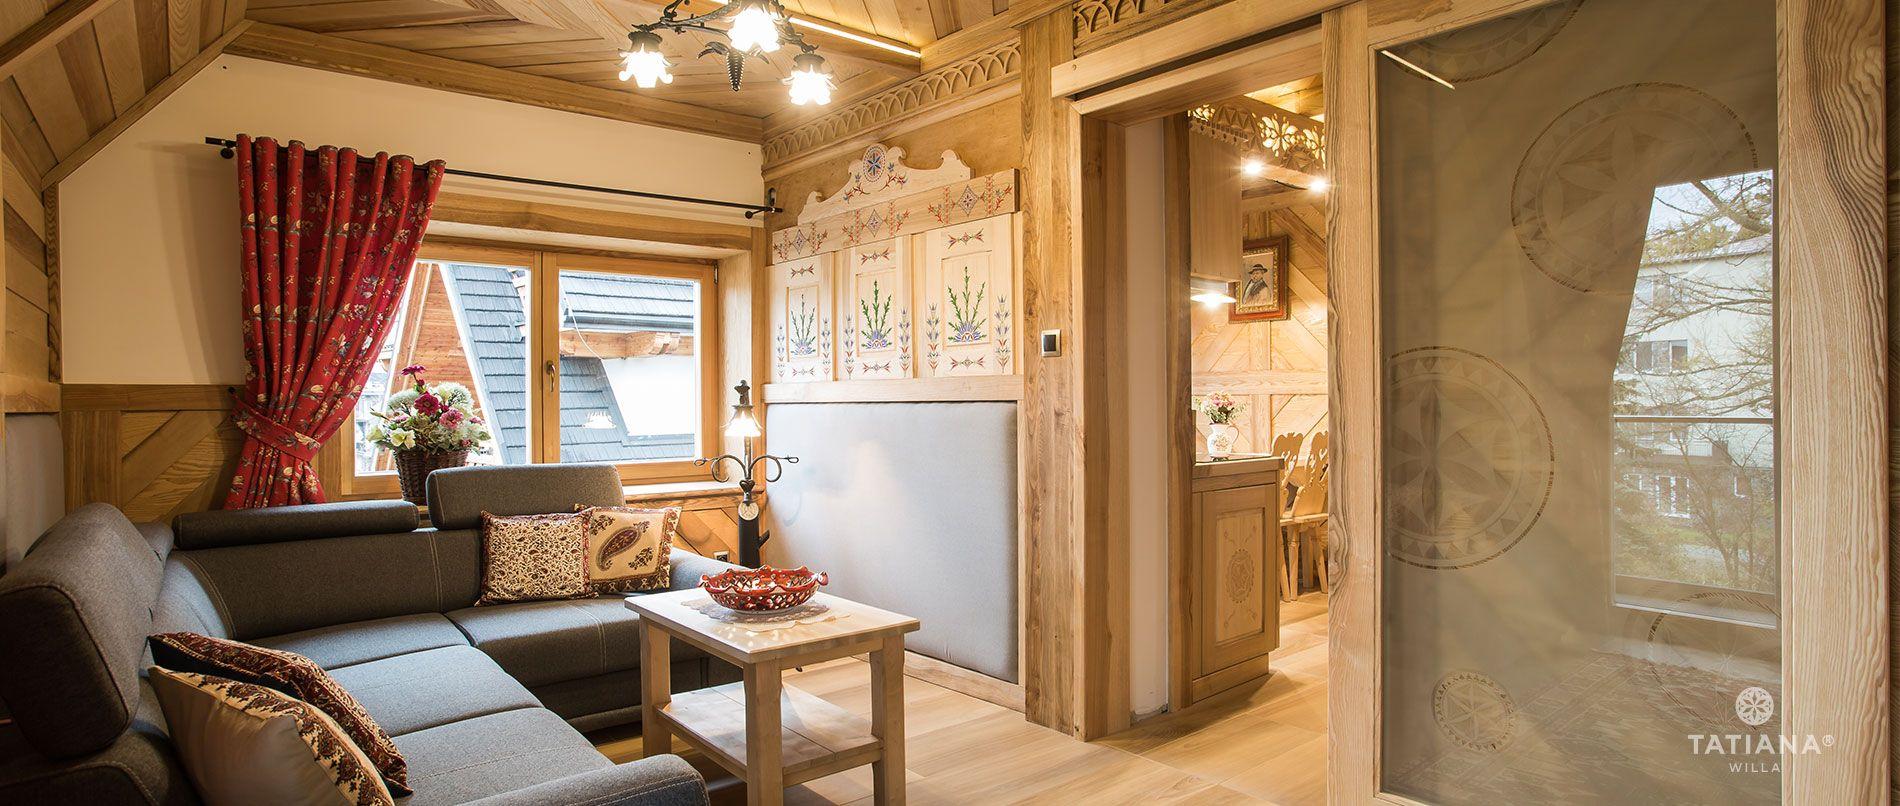 Tatra Apartment - Living room